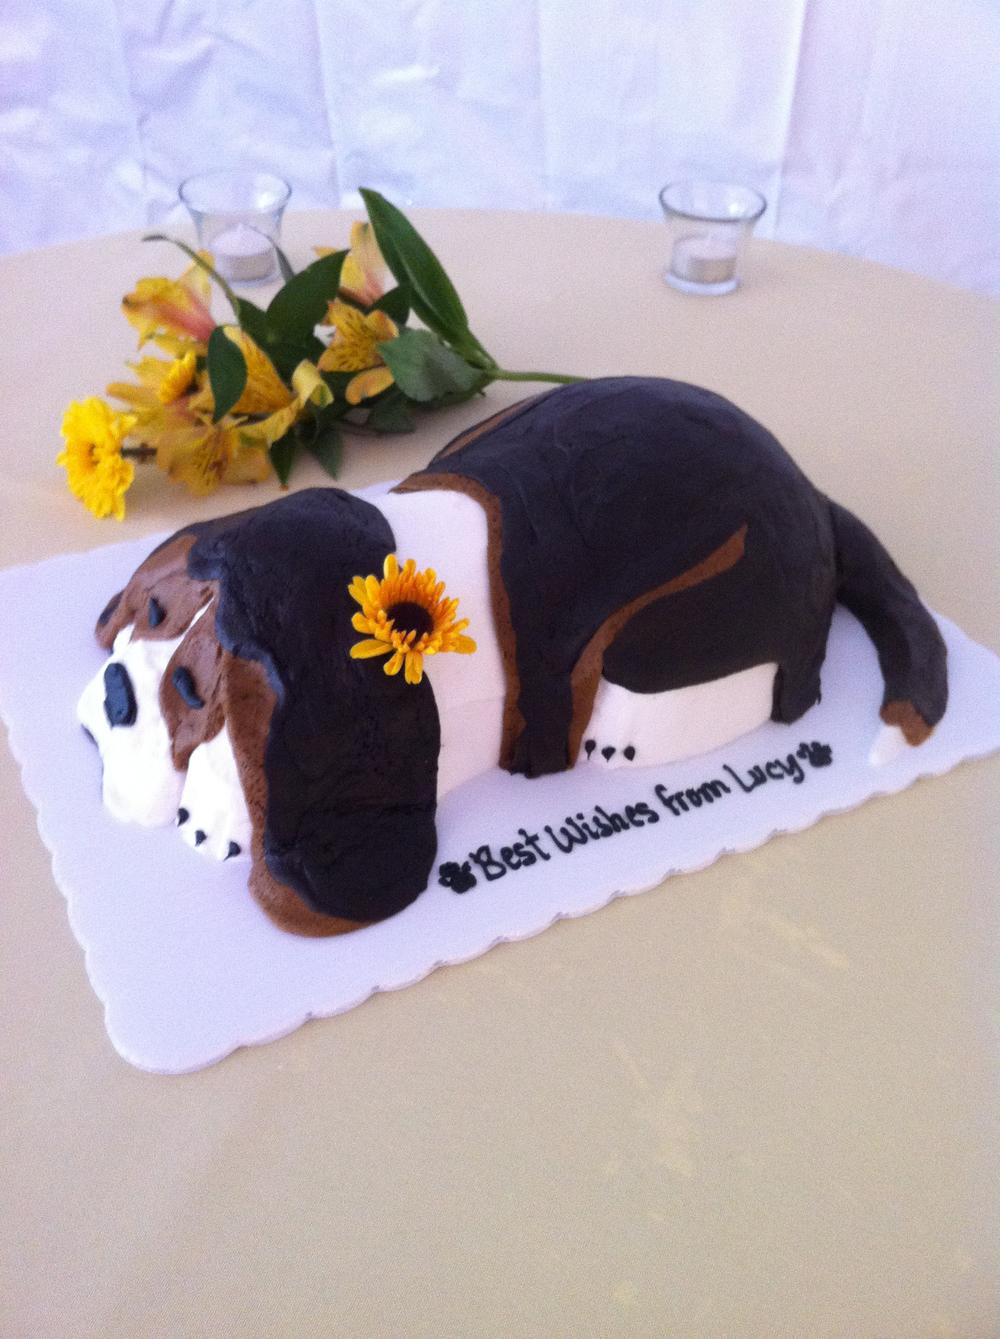 beaglegroomscake3.jpg